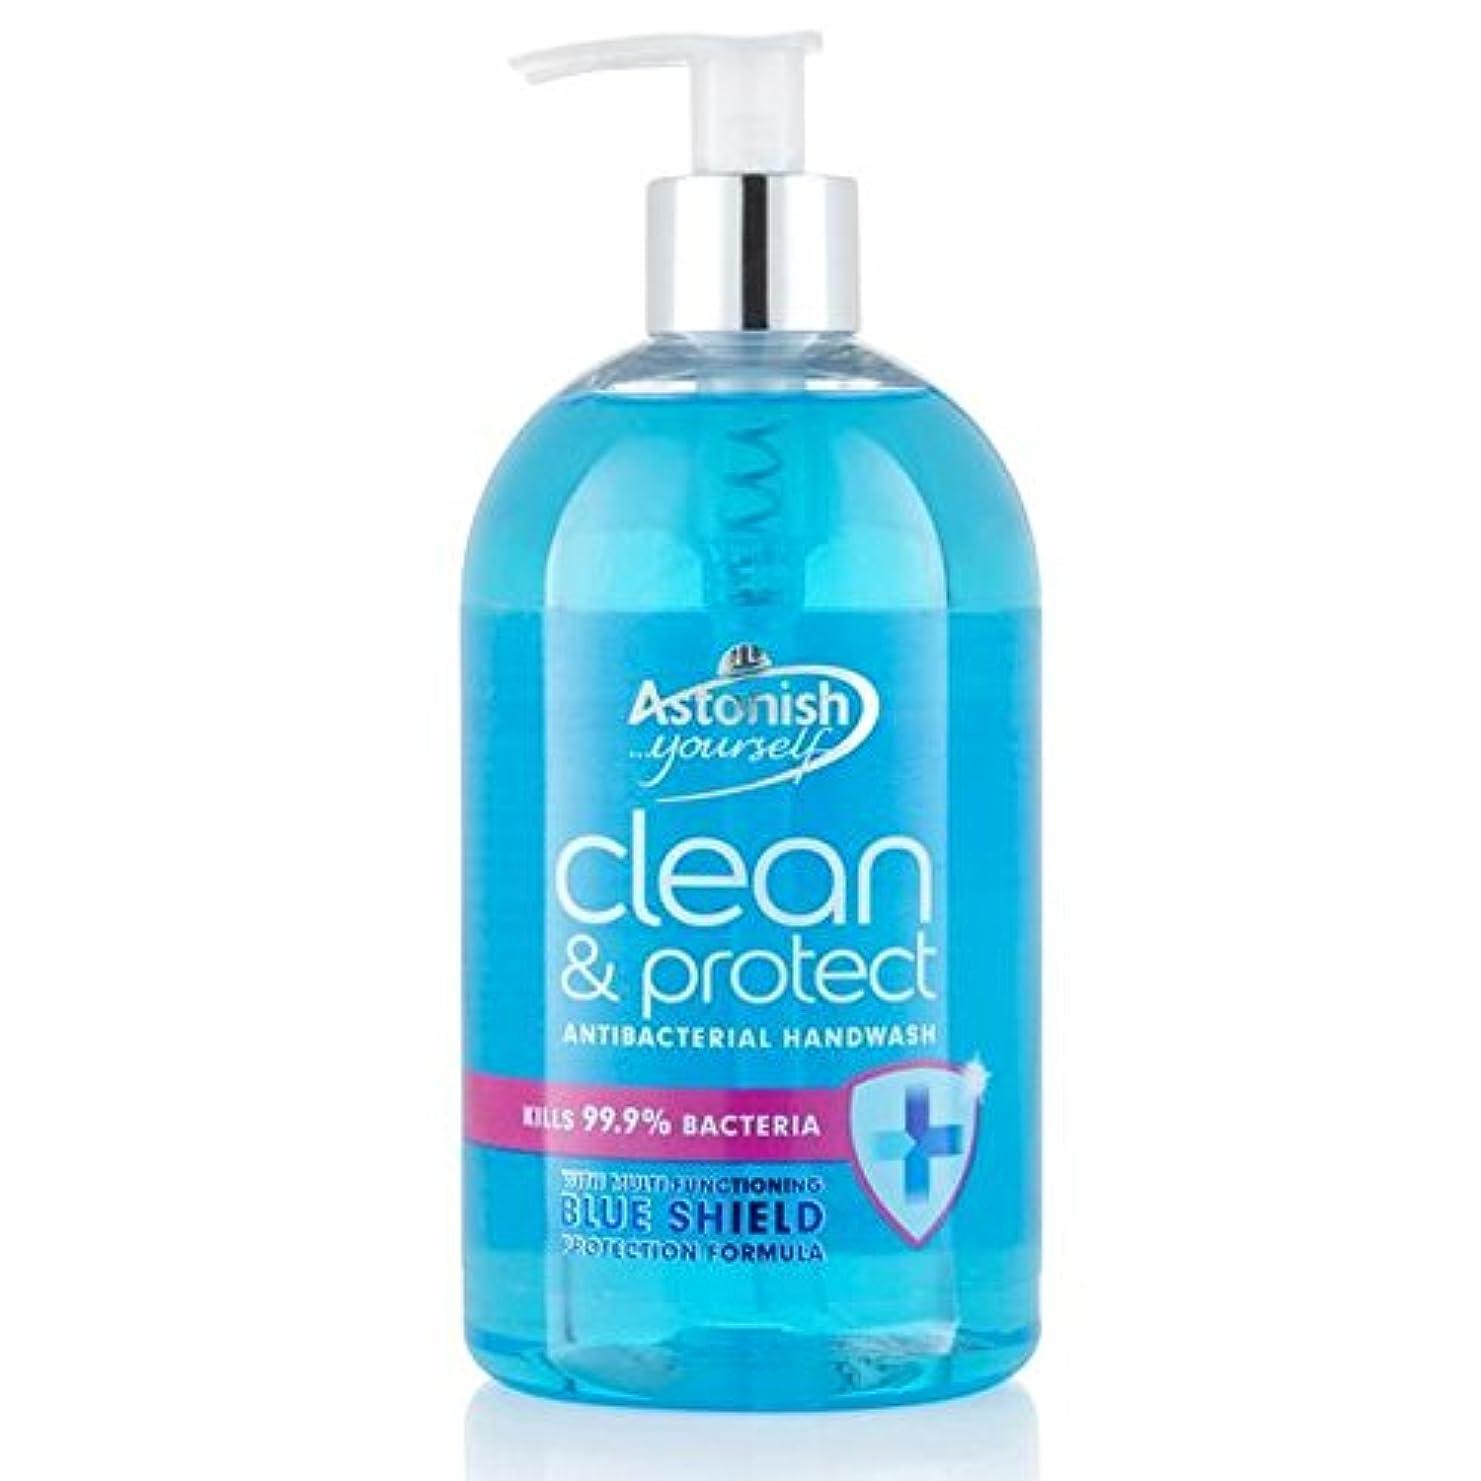 真剣にヒューバートハドソン手術Astonish Clean & Protect Hand Wash 500ml - クリーン驚か&ハンドウォッシュ500ミリリットルを保護 [並行輸入品]